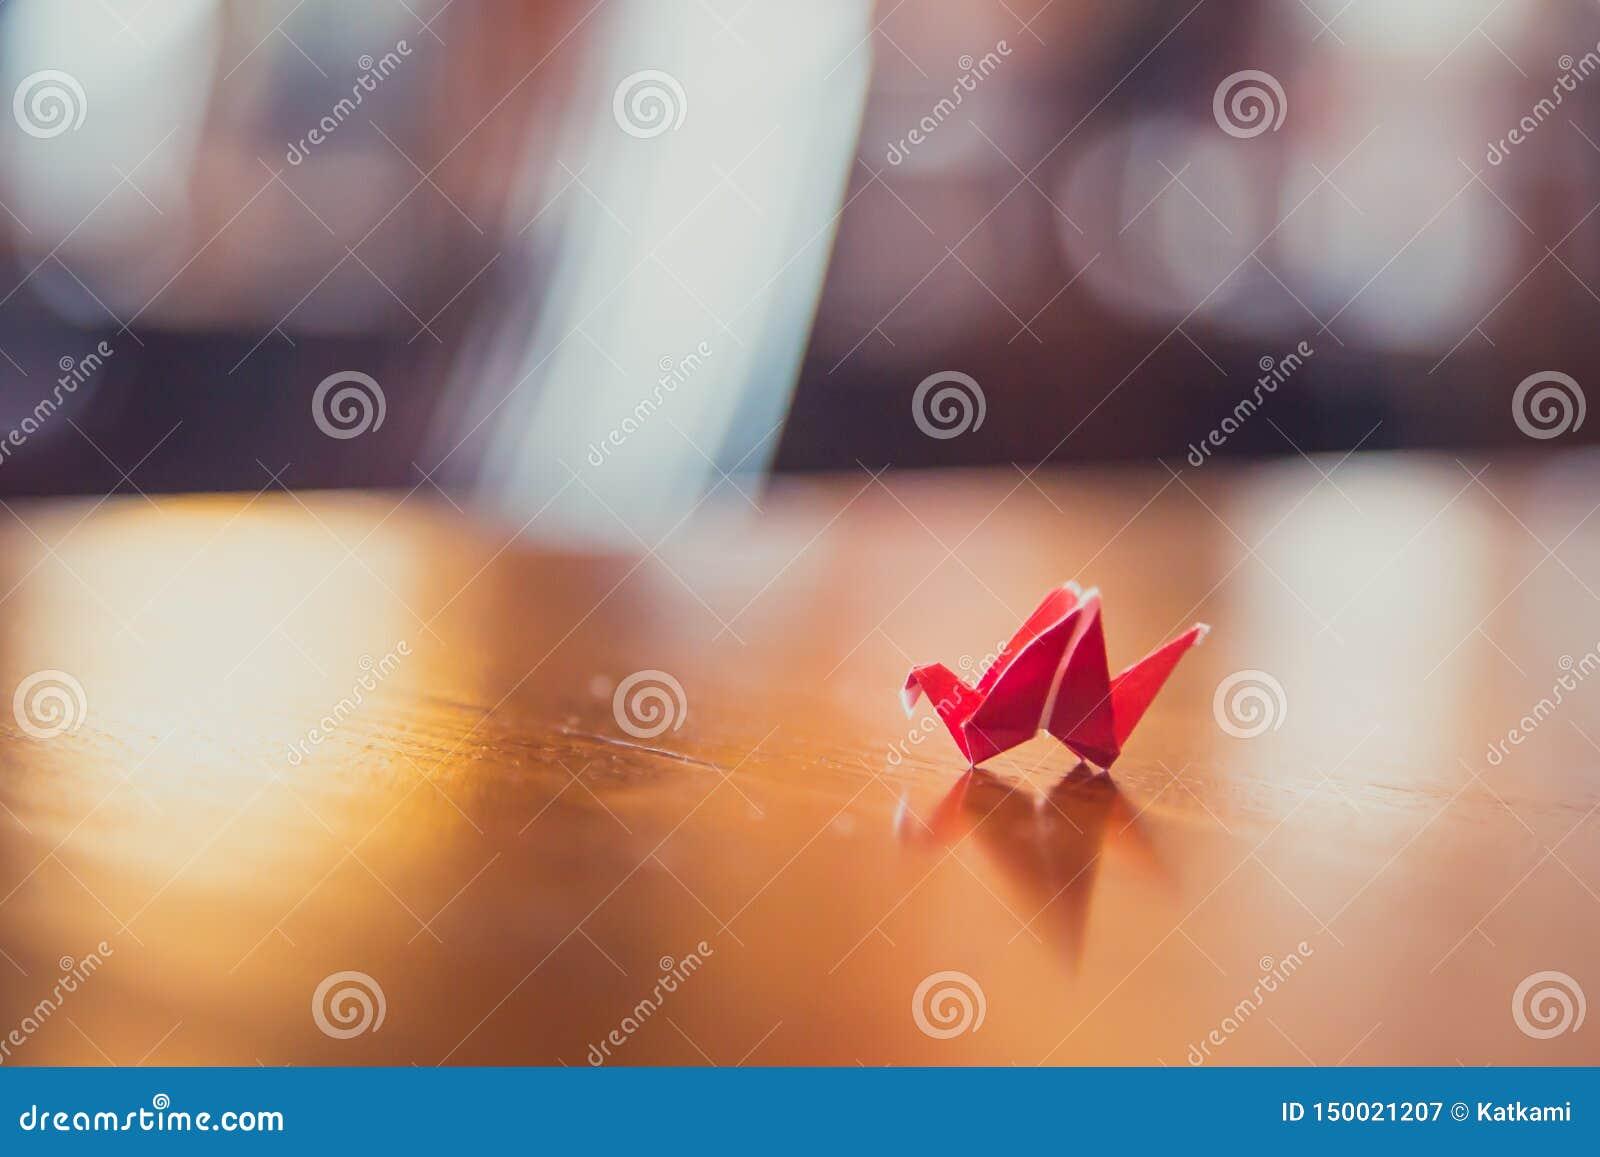 Kleiner roter Origami streckt sich auf Tabelle